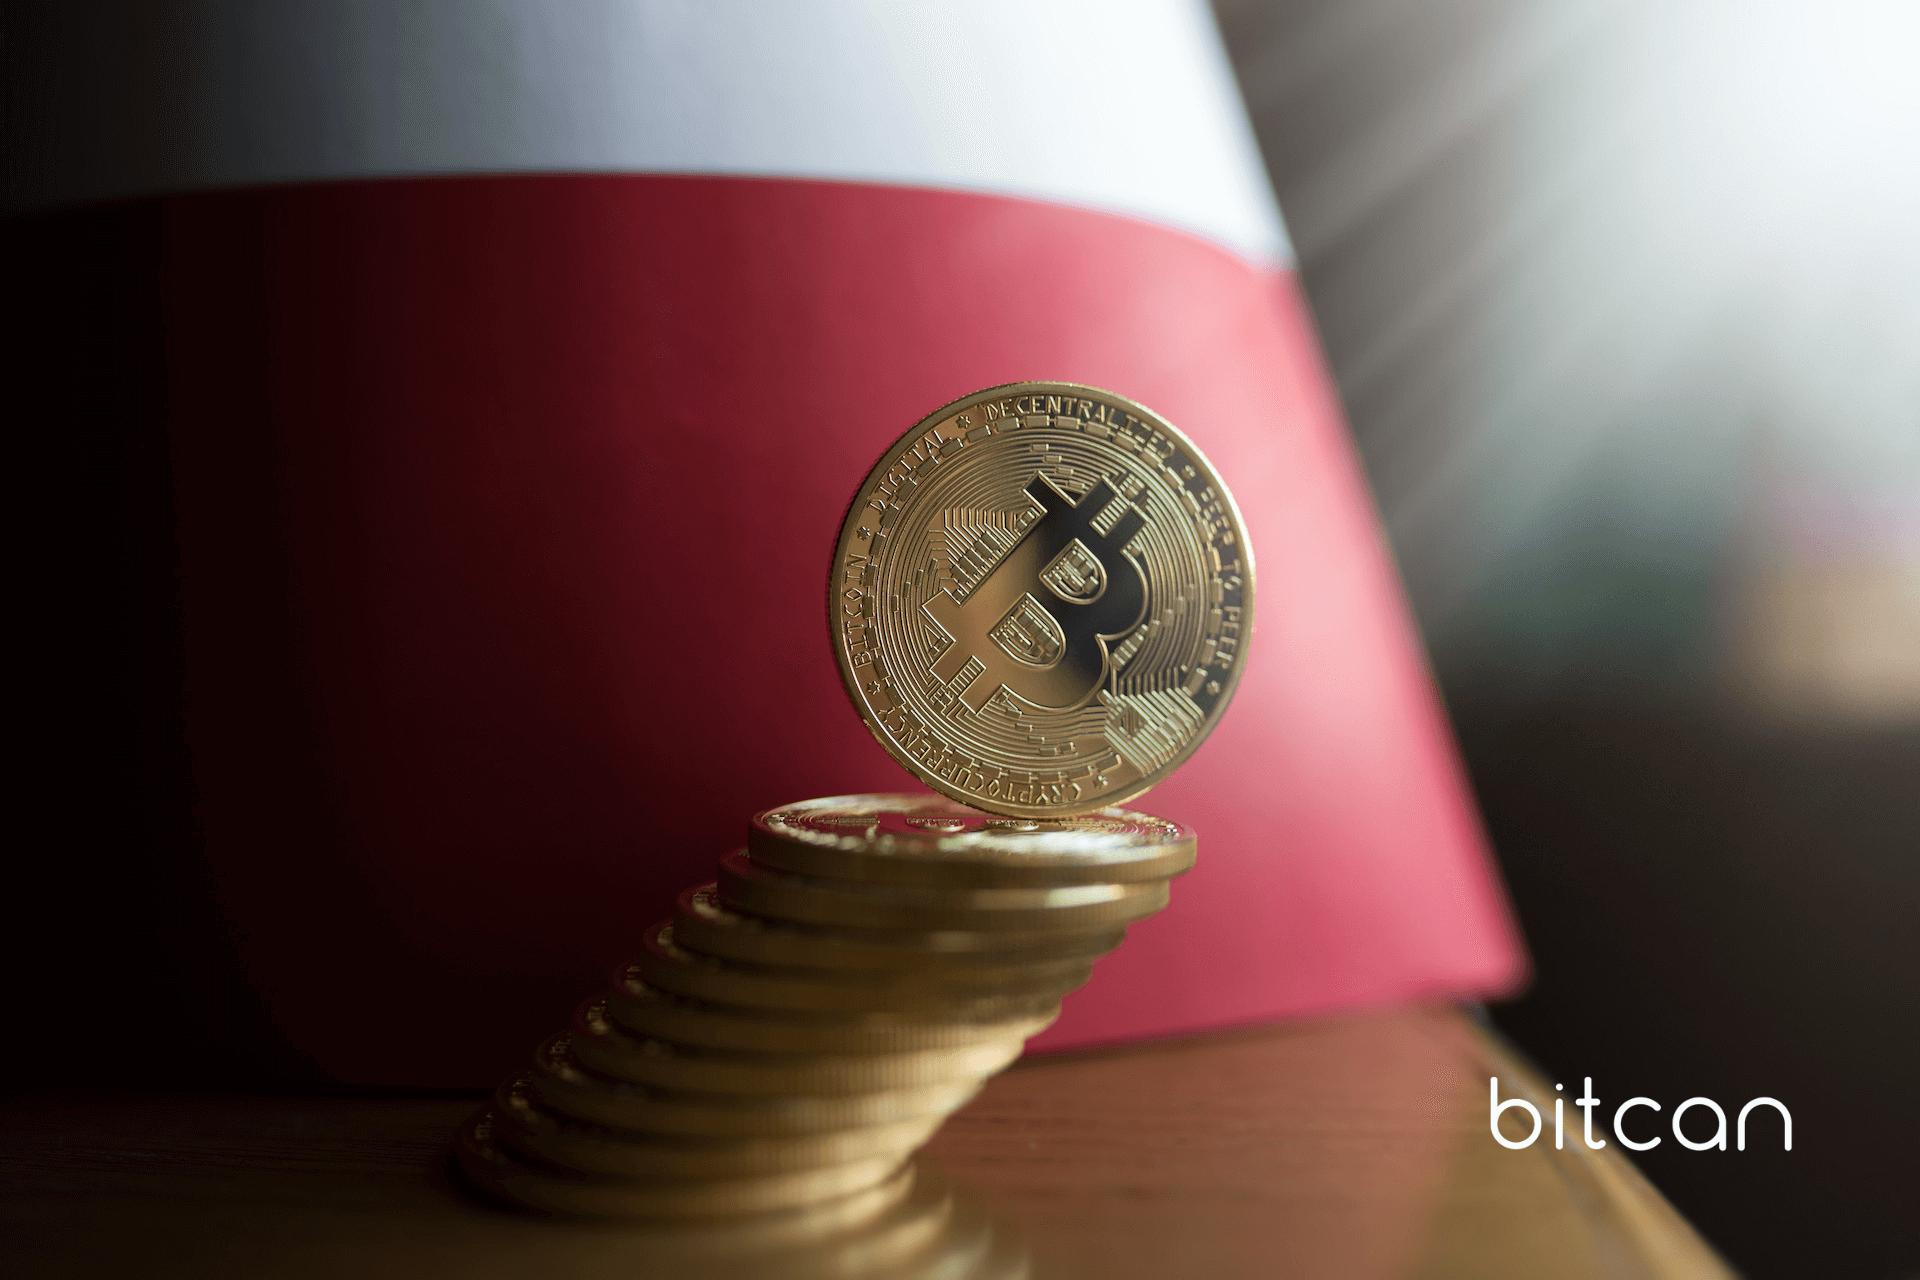 Polska giełda bitcoin — którą wybrać? Odpowiadamy, gdzie najlepiej inwestować w kryptowaluty